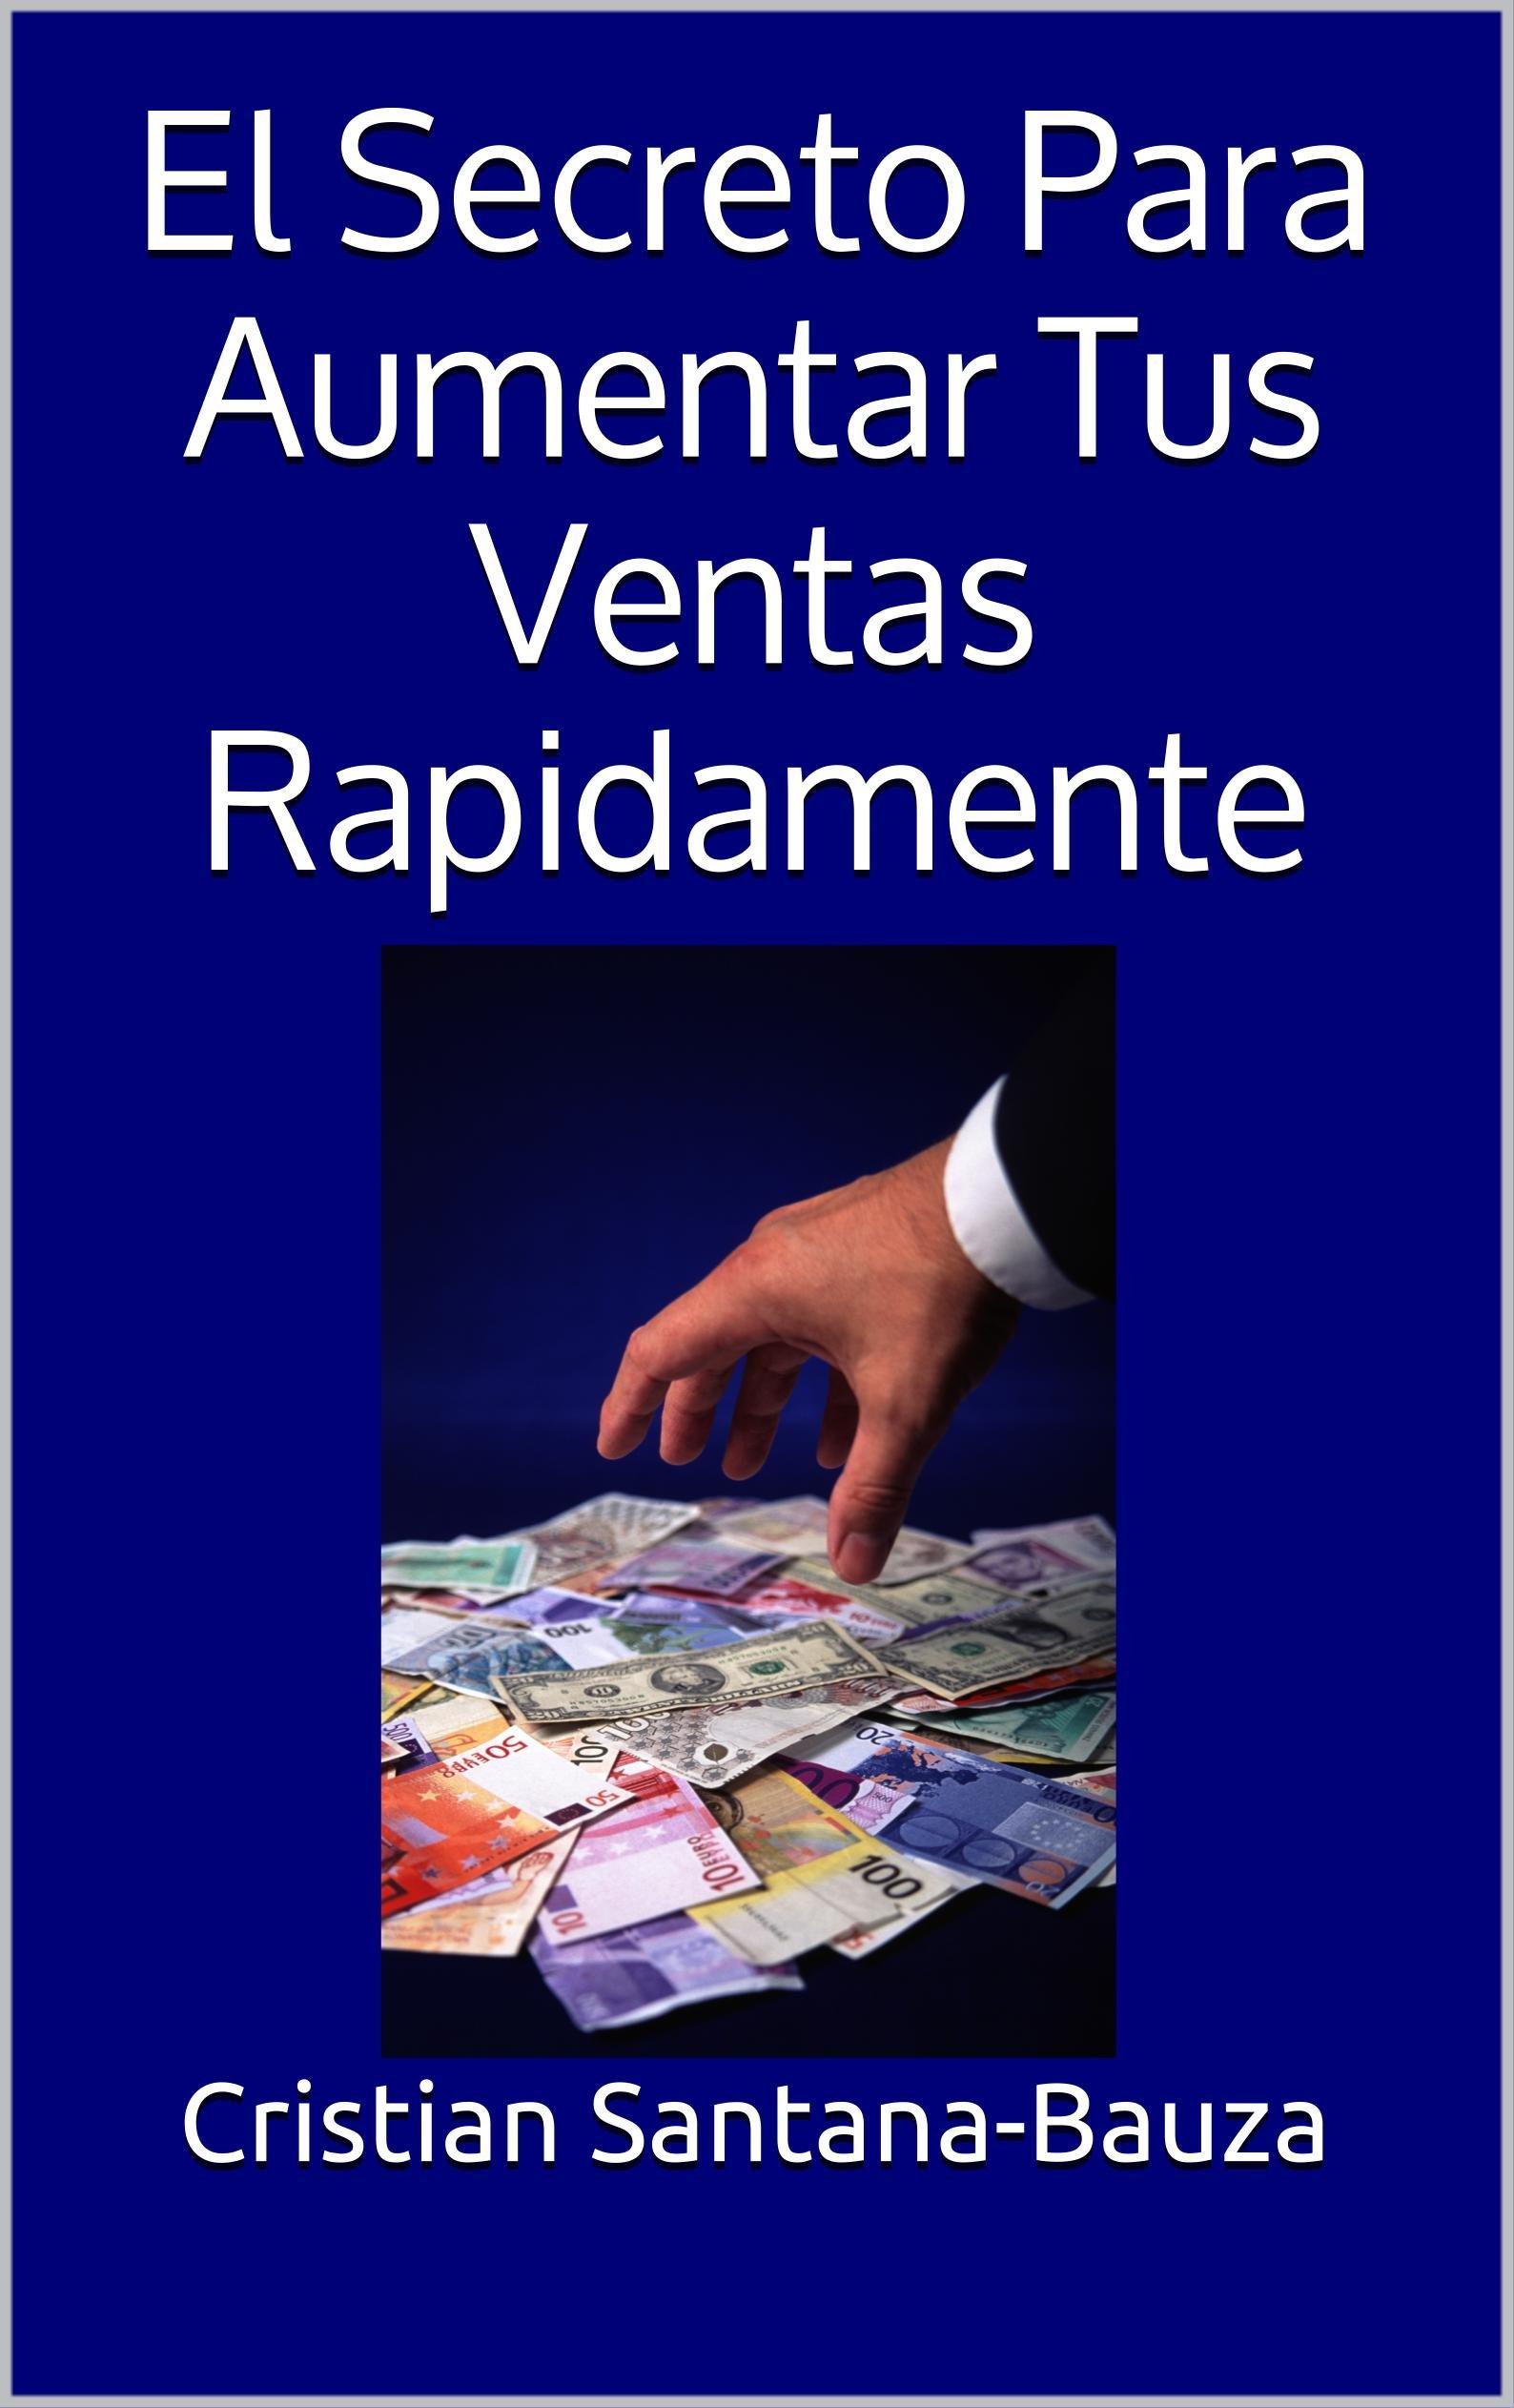 El Secreto Para Aumentar Tus Ventas Rapidamente (Spanish Edition)